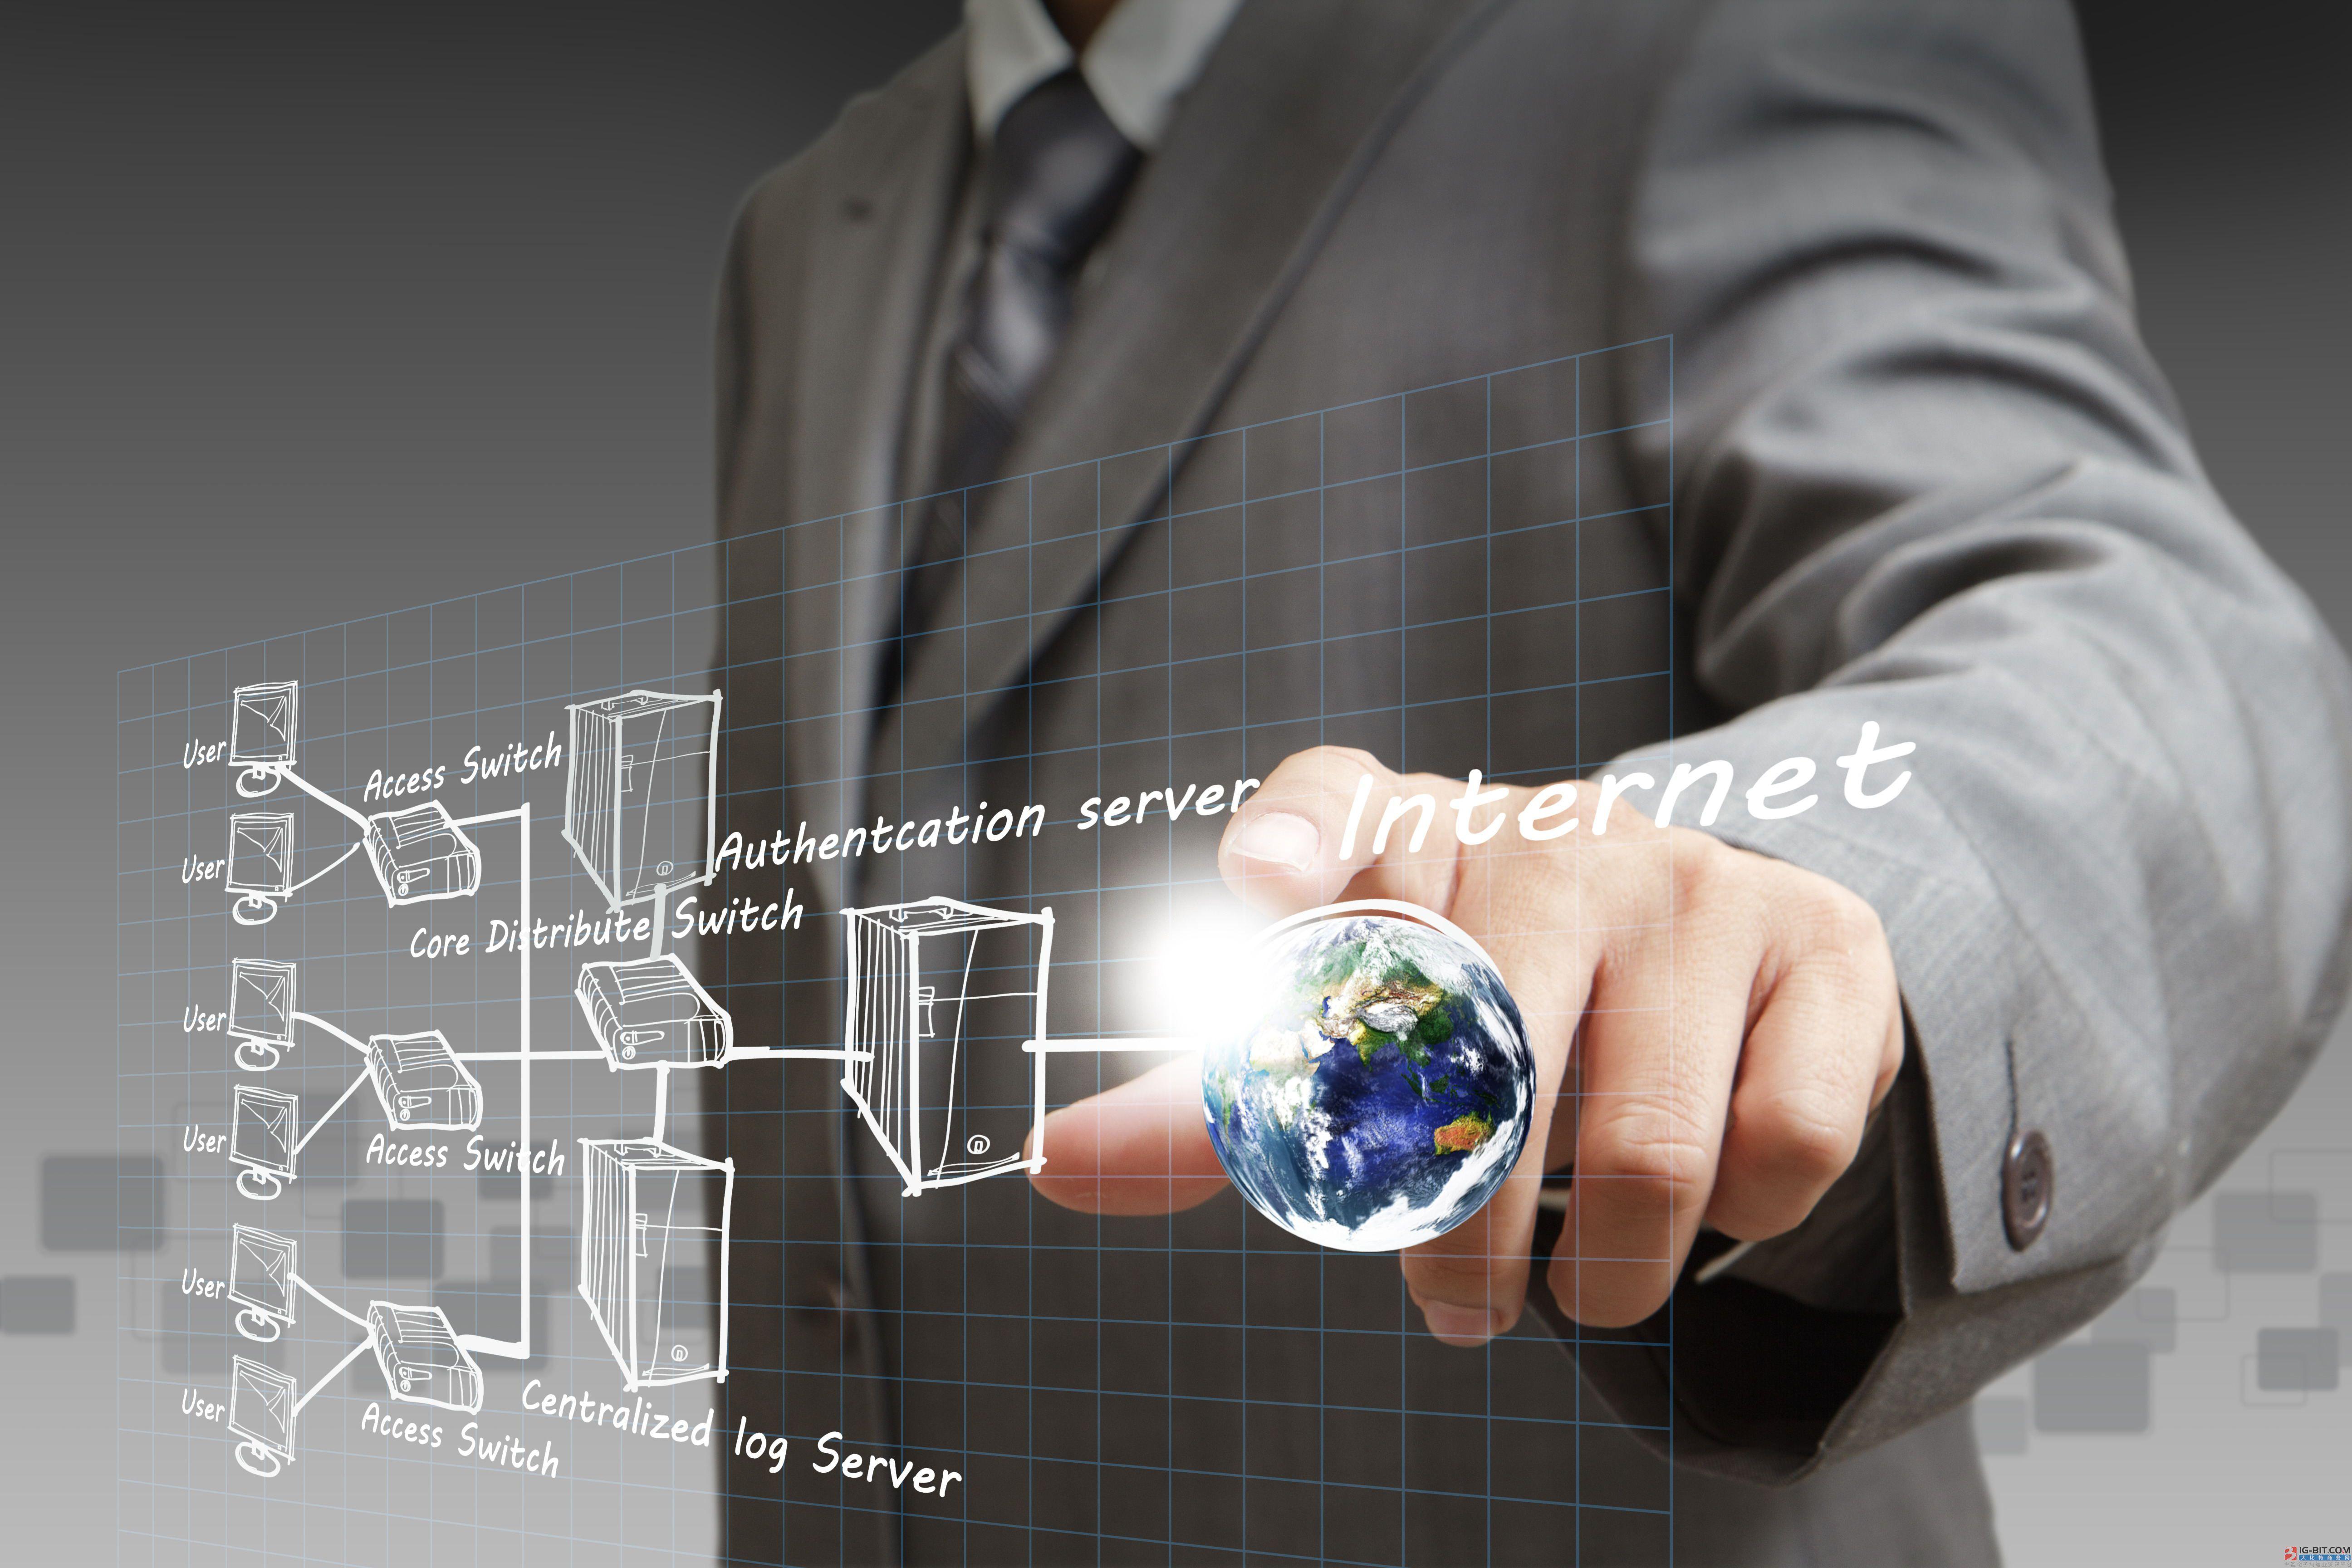 物联网技术对于购物方式有什么影响